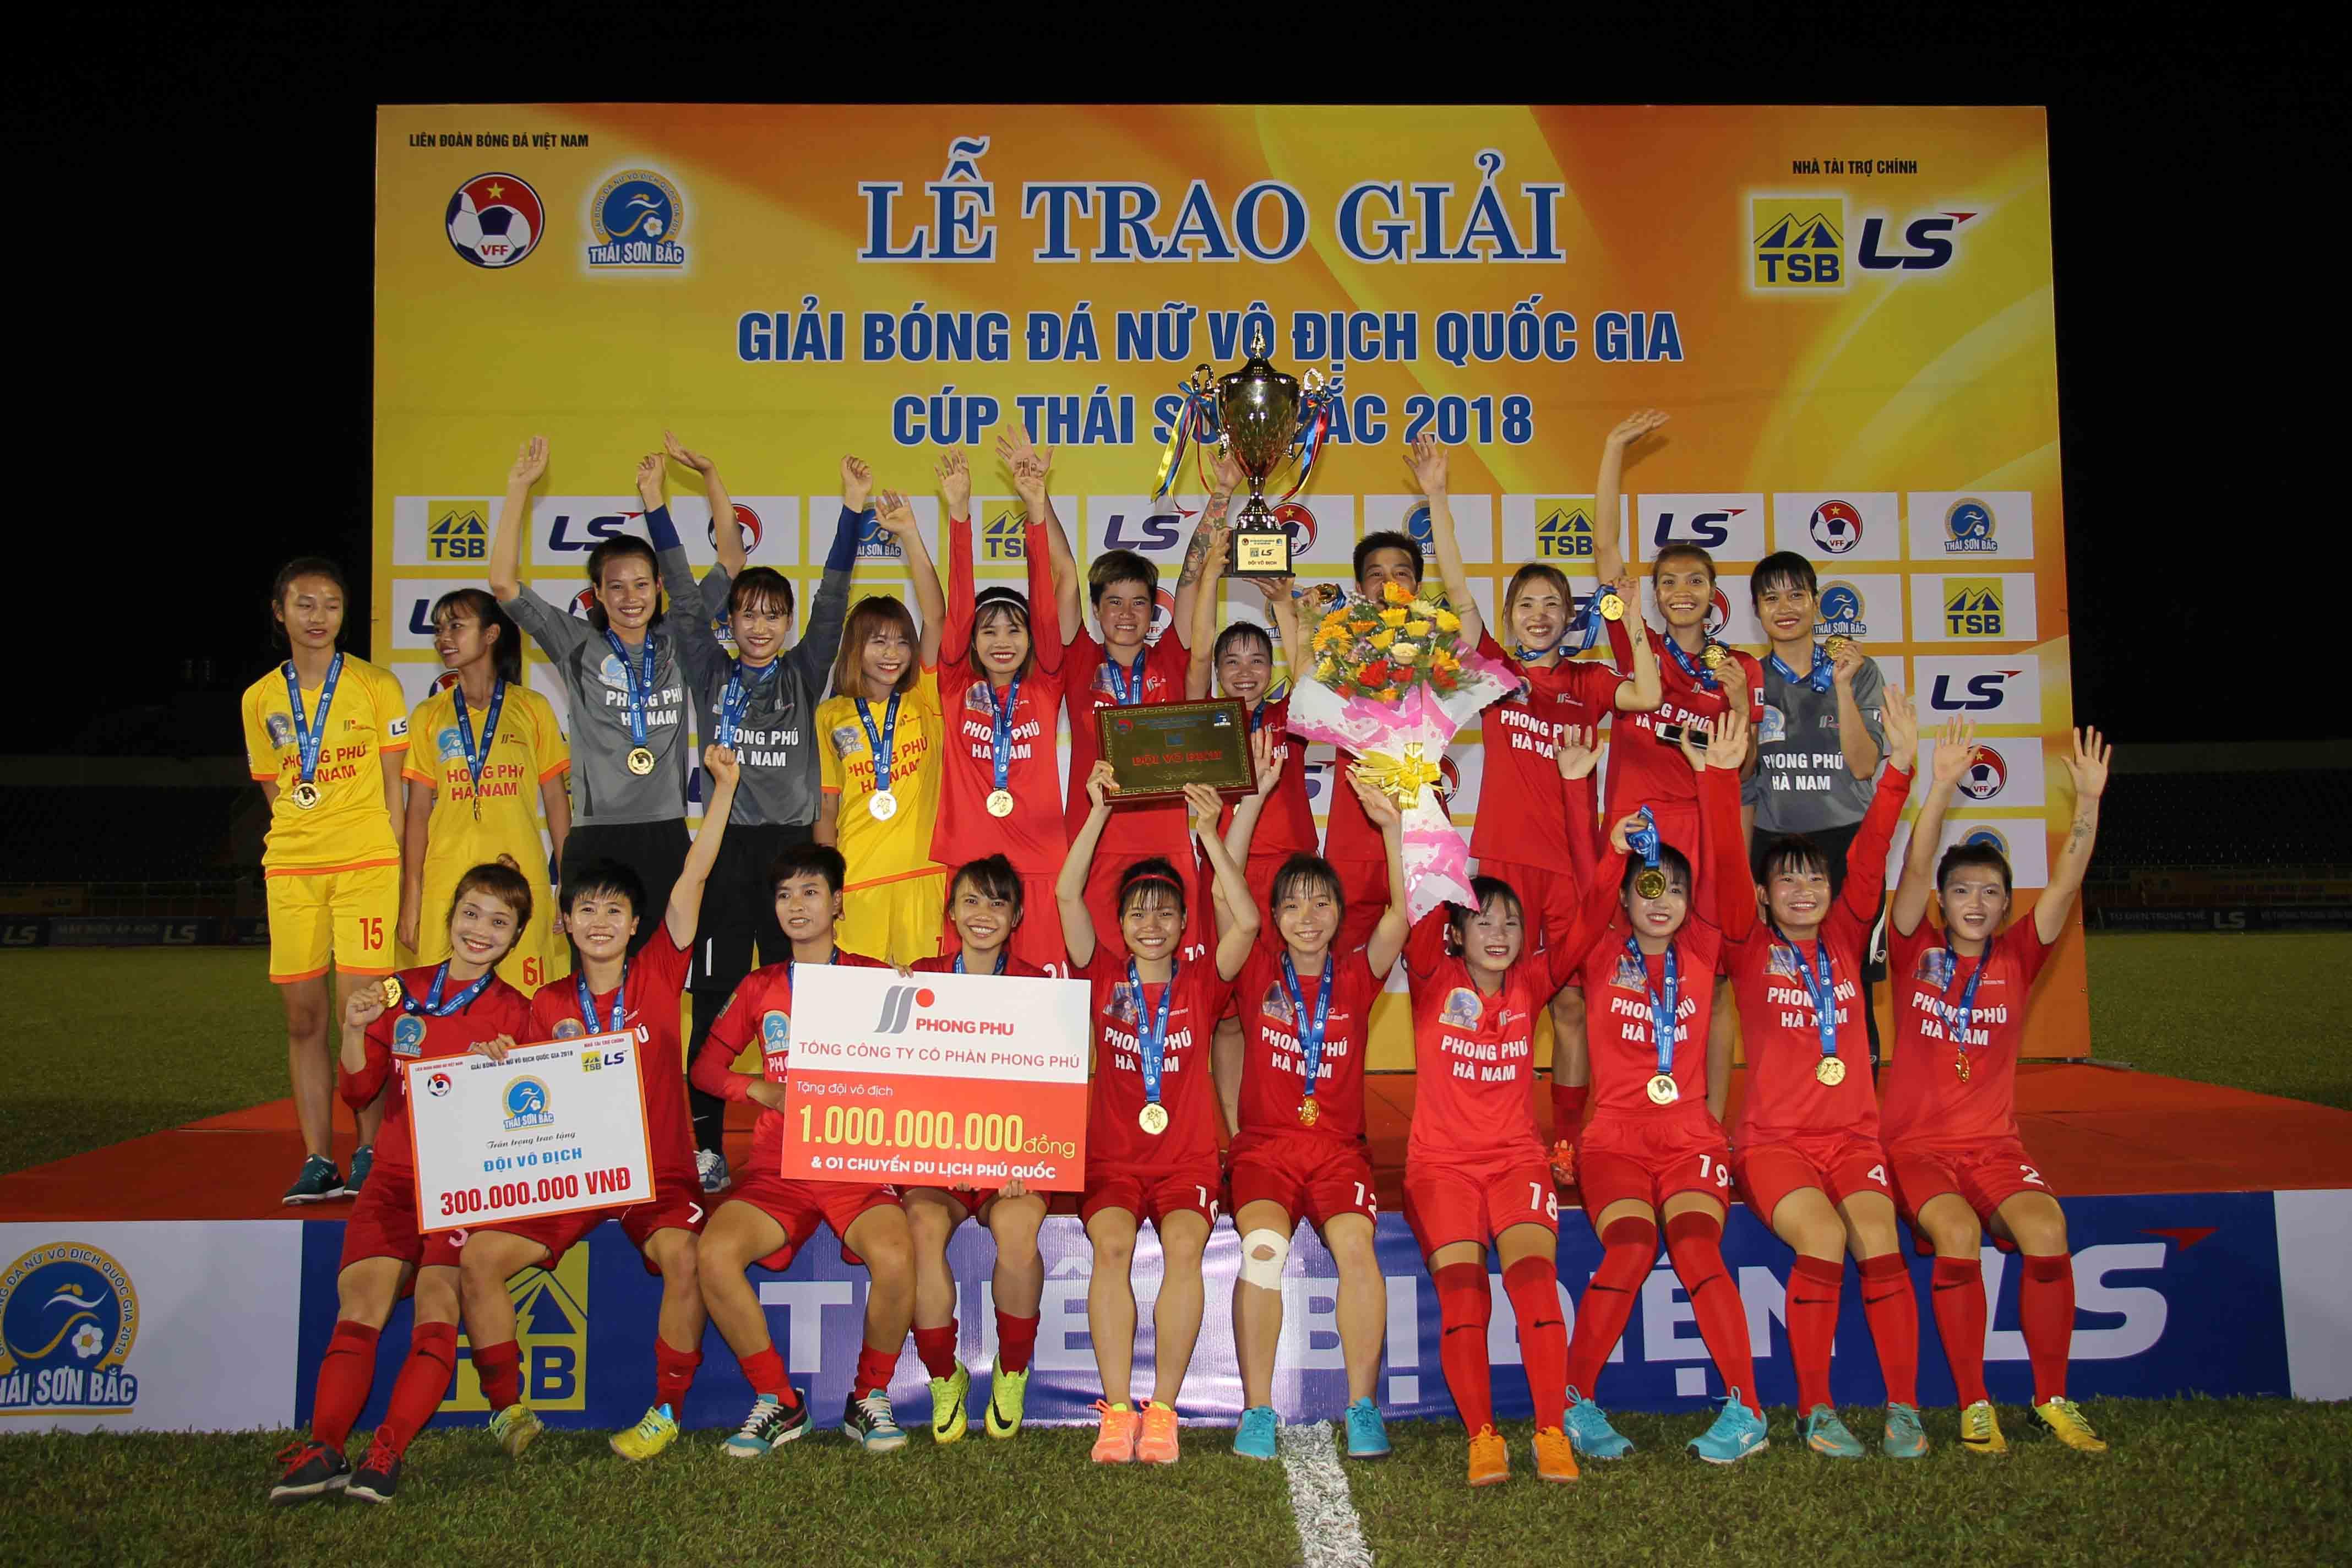 Phong Phú Hà Nam làm nên lịch sử - Bóng Đá